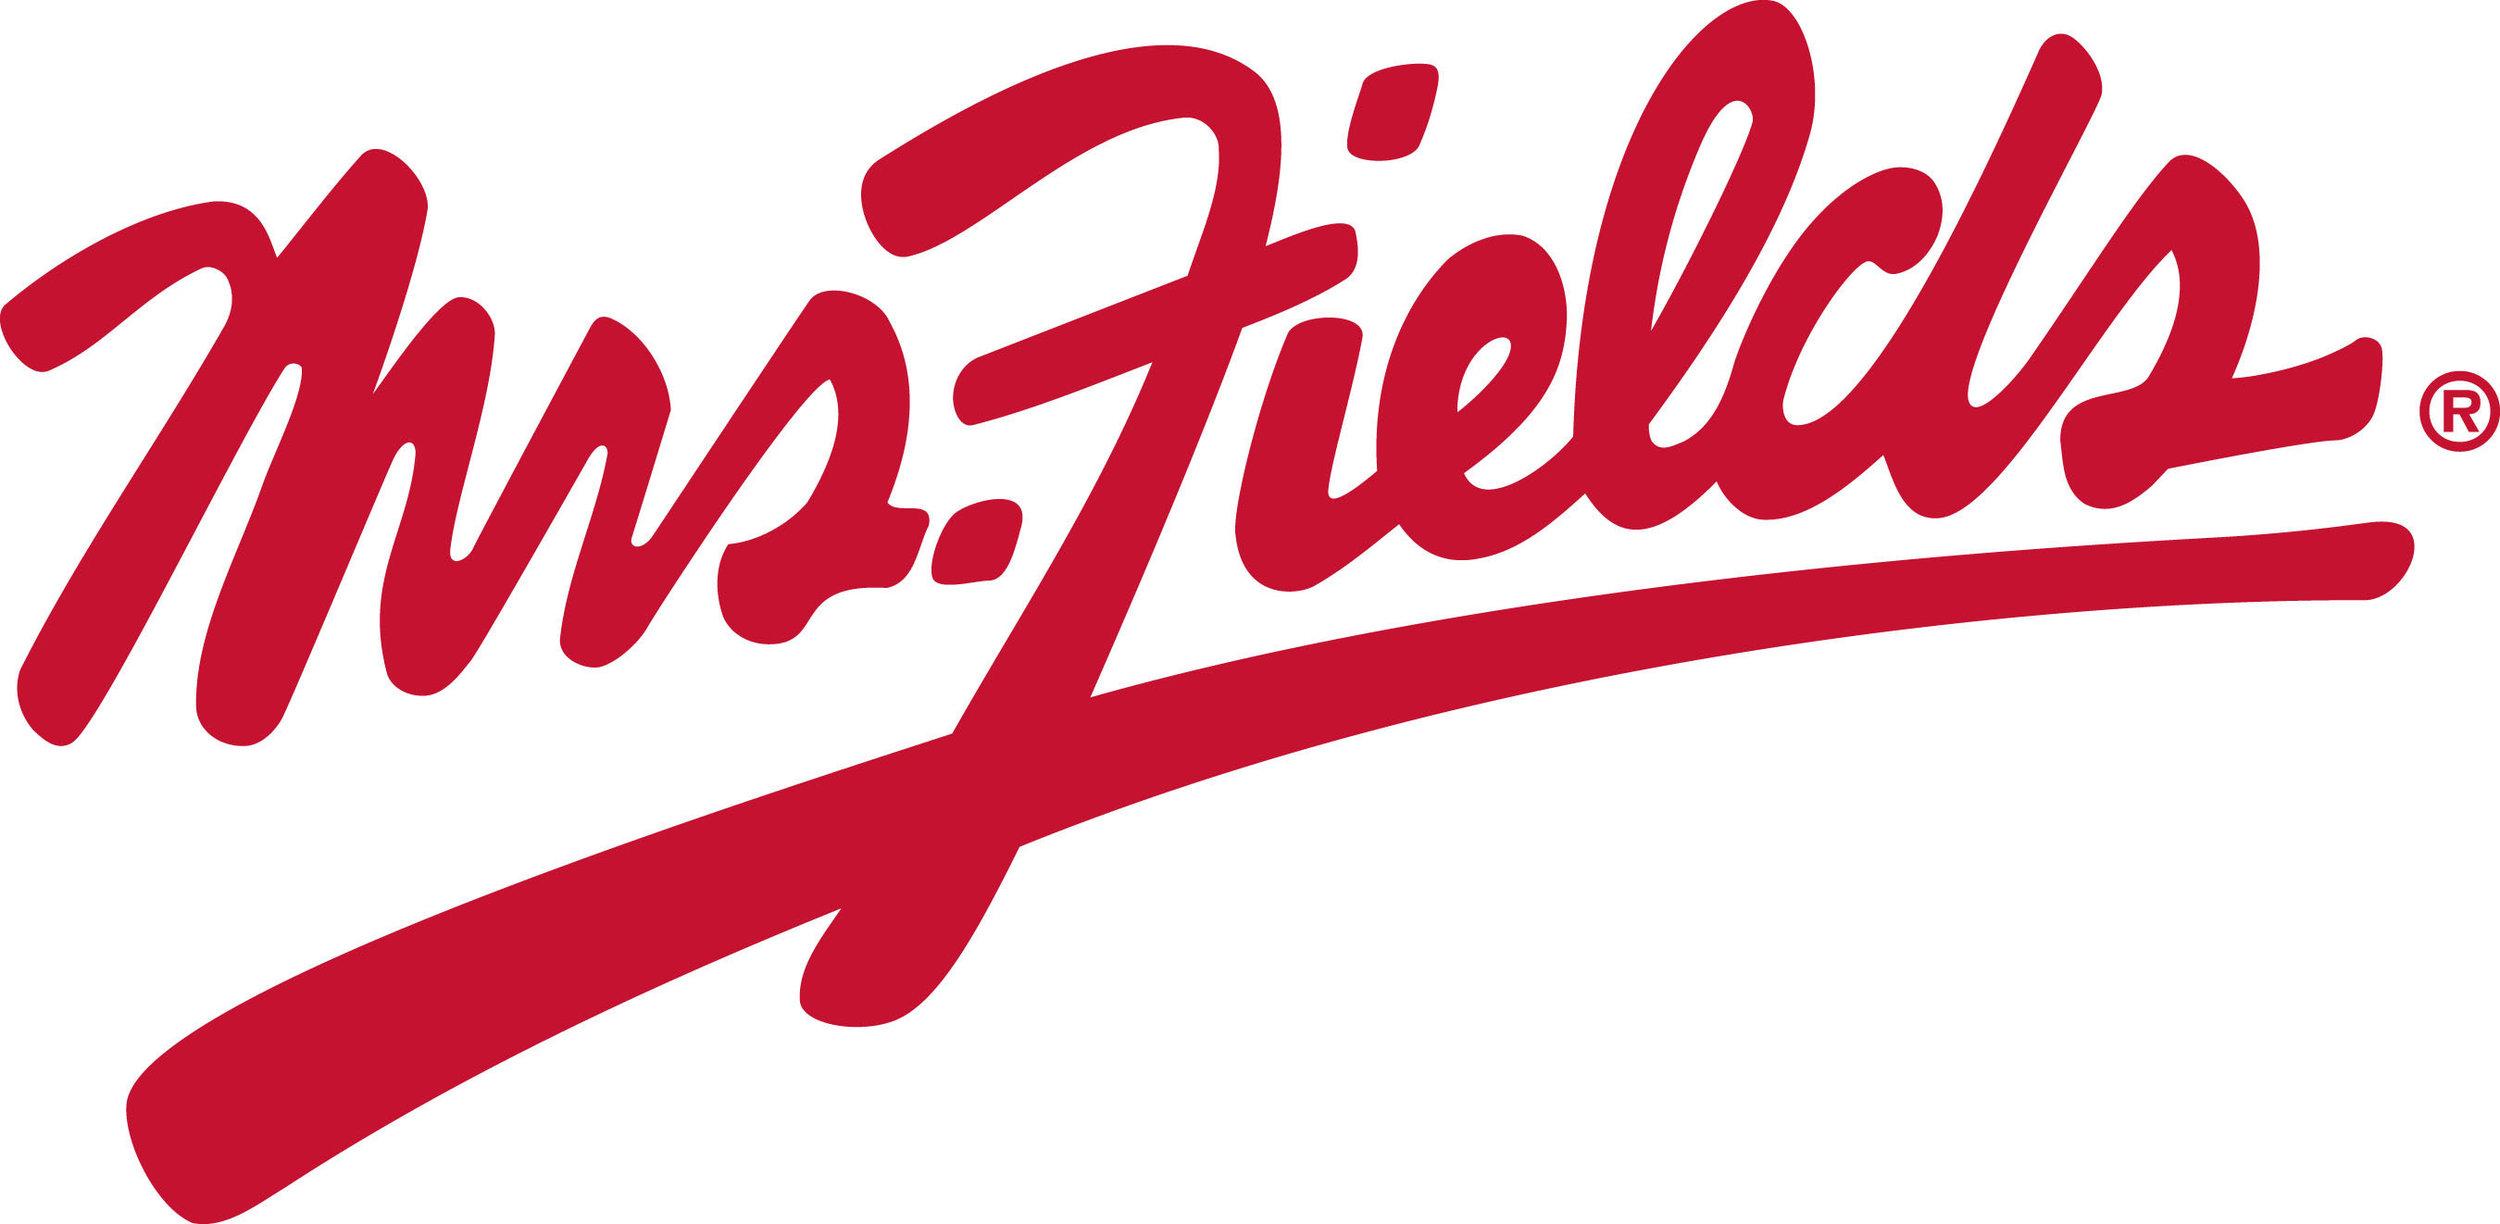 Inspiring-Mrs-Fields-Cookies-Logo-34-About-Remodel-Free-Logo-Creator-with-Mrs-Fields-Cookies-Logo.jpg